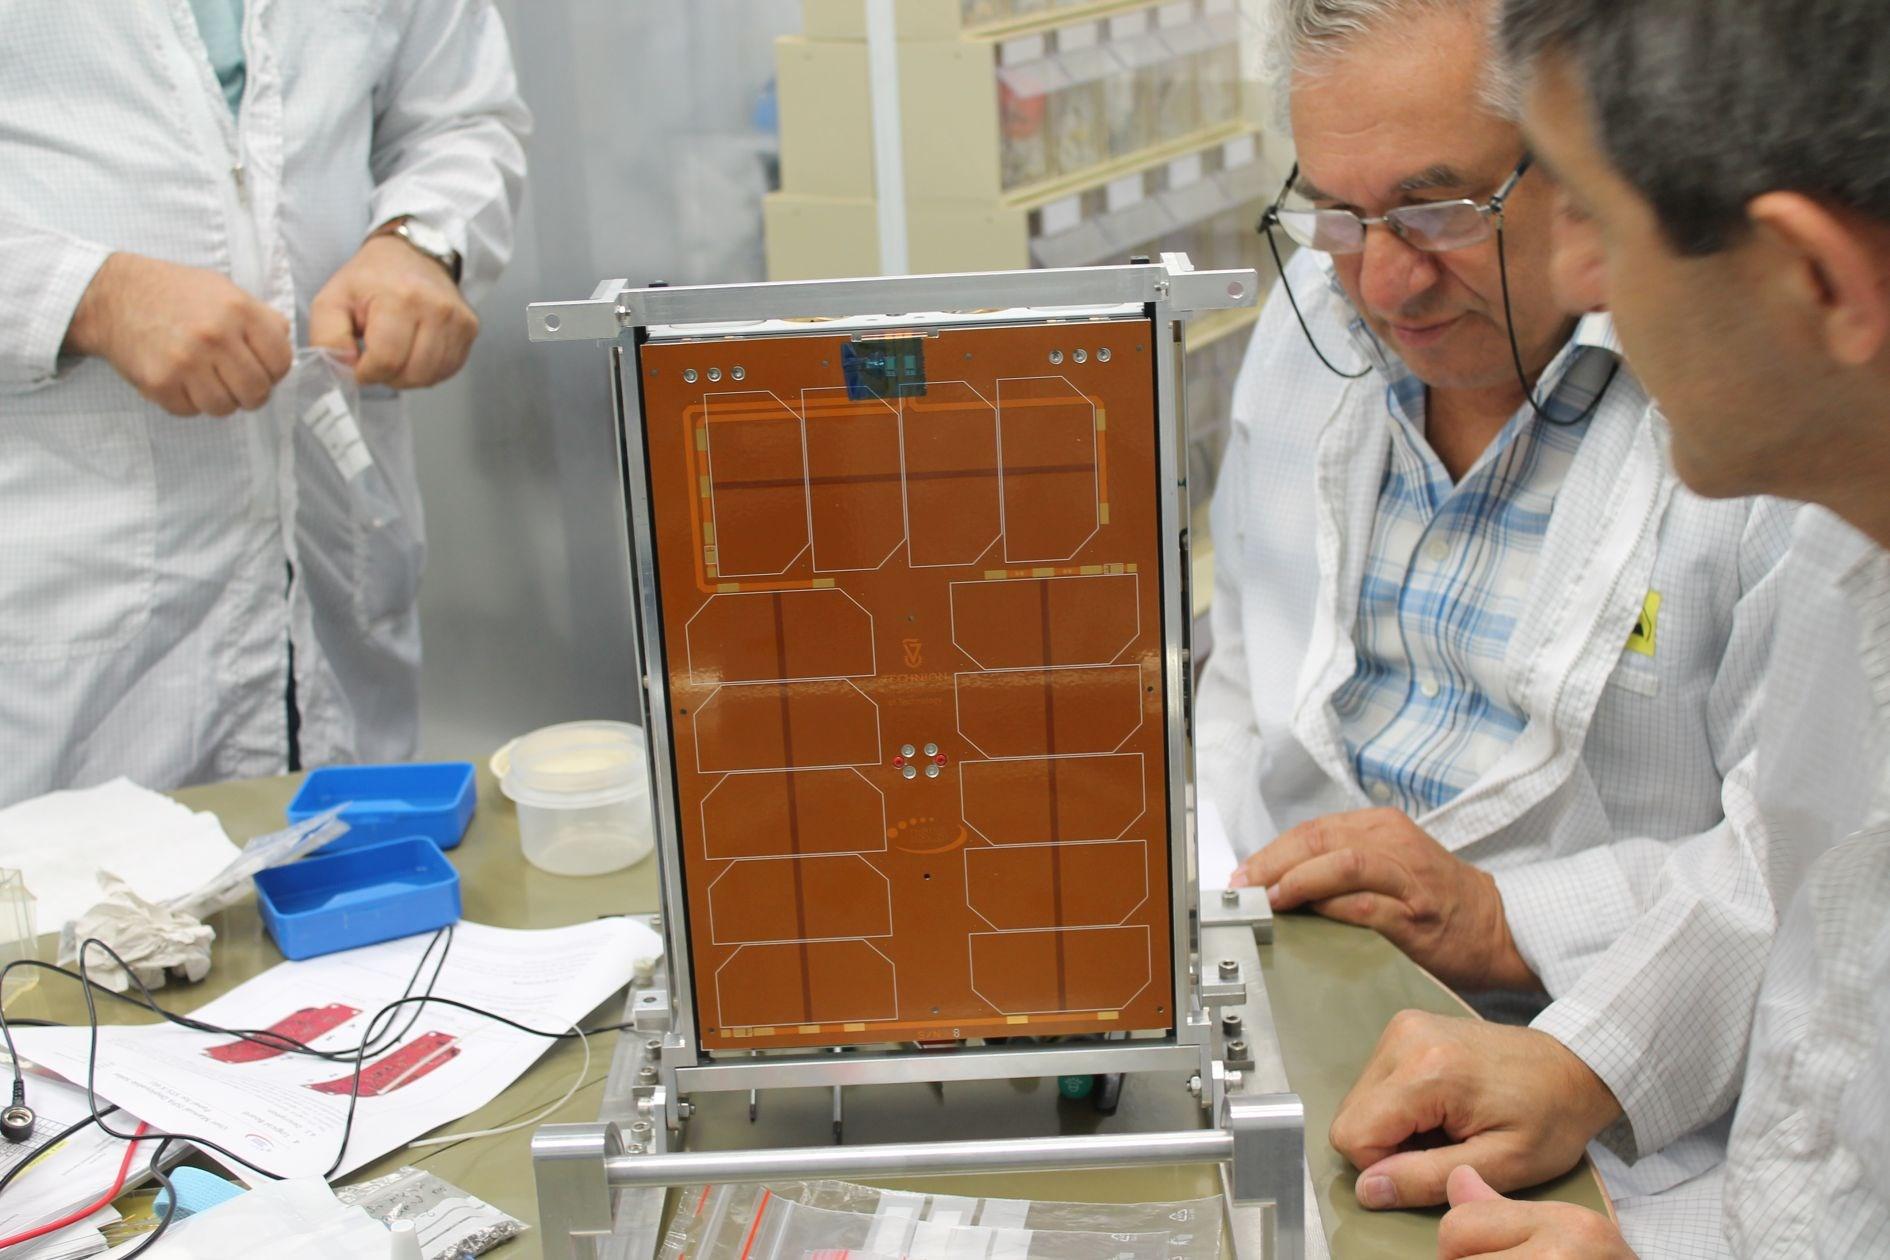 הוביק אגלריאן, מהנדס האלקטרוניקה הראשי של מכון אשר לחקר החלל, עם המקלט הלווייני החדש. צילום: שרון צור, דוברות הטכניון